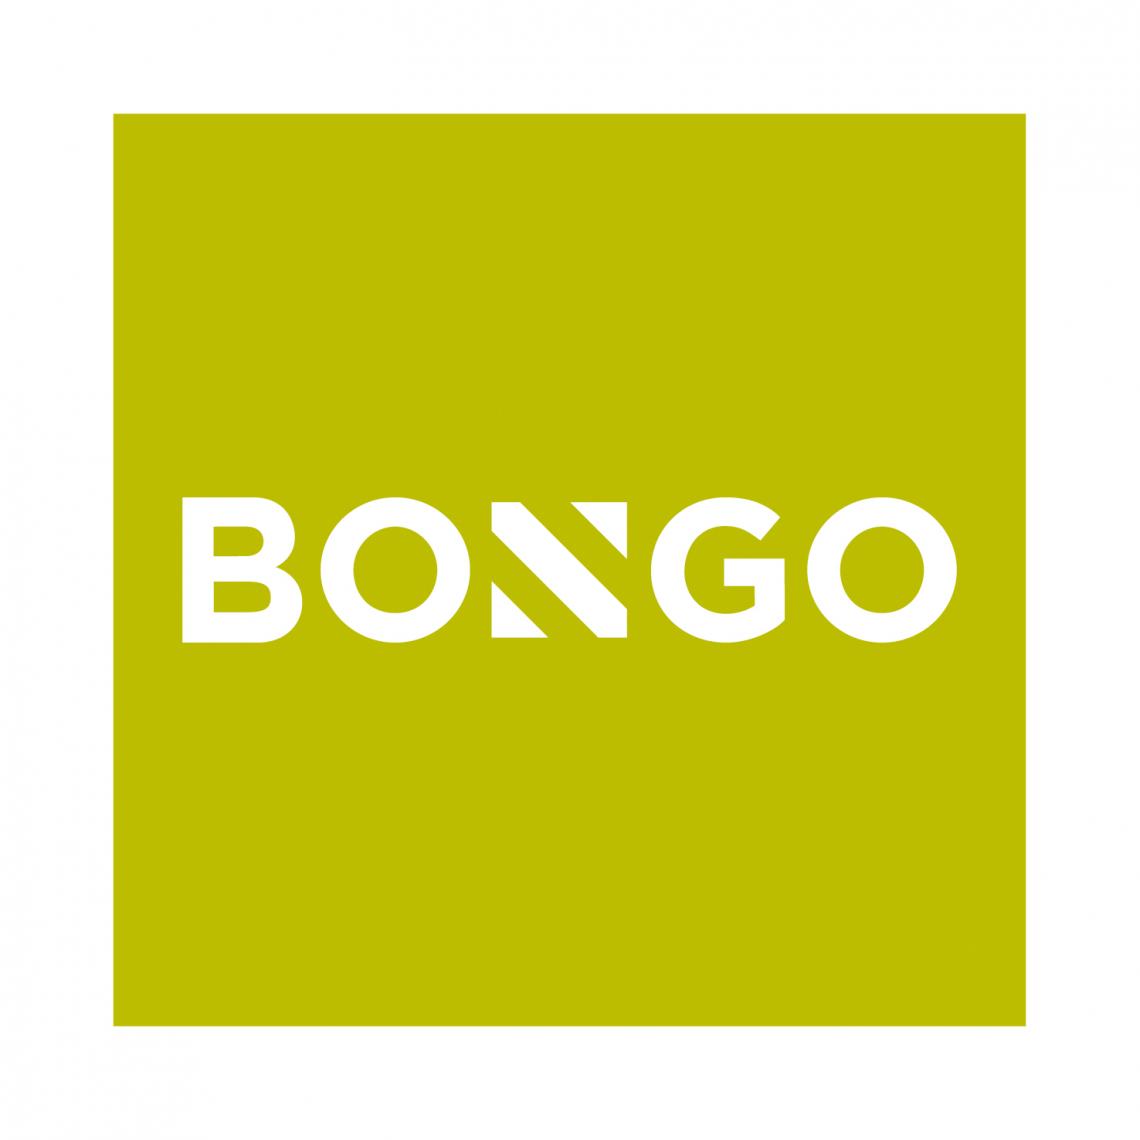 Hoe reserveer ik met een Bongo bon?